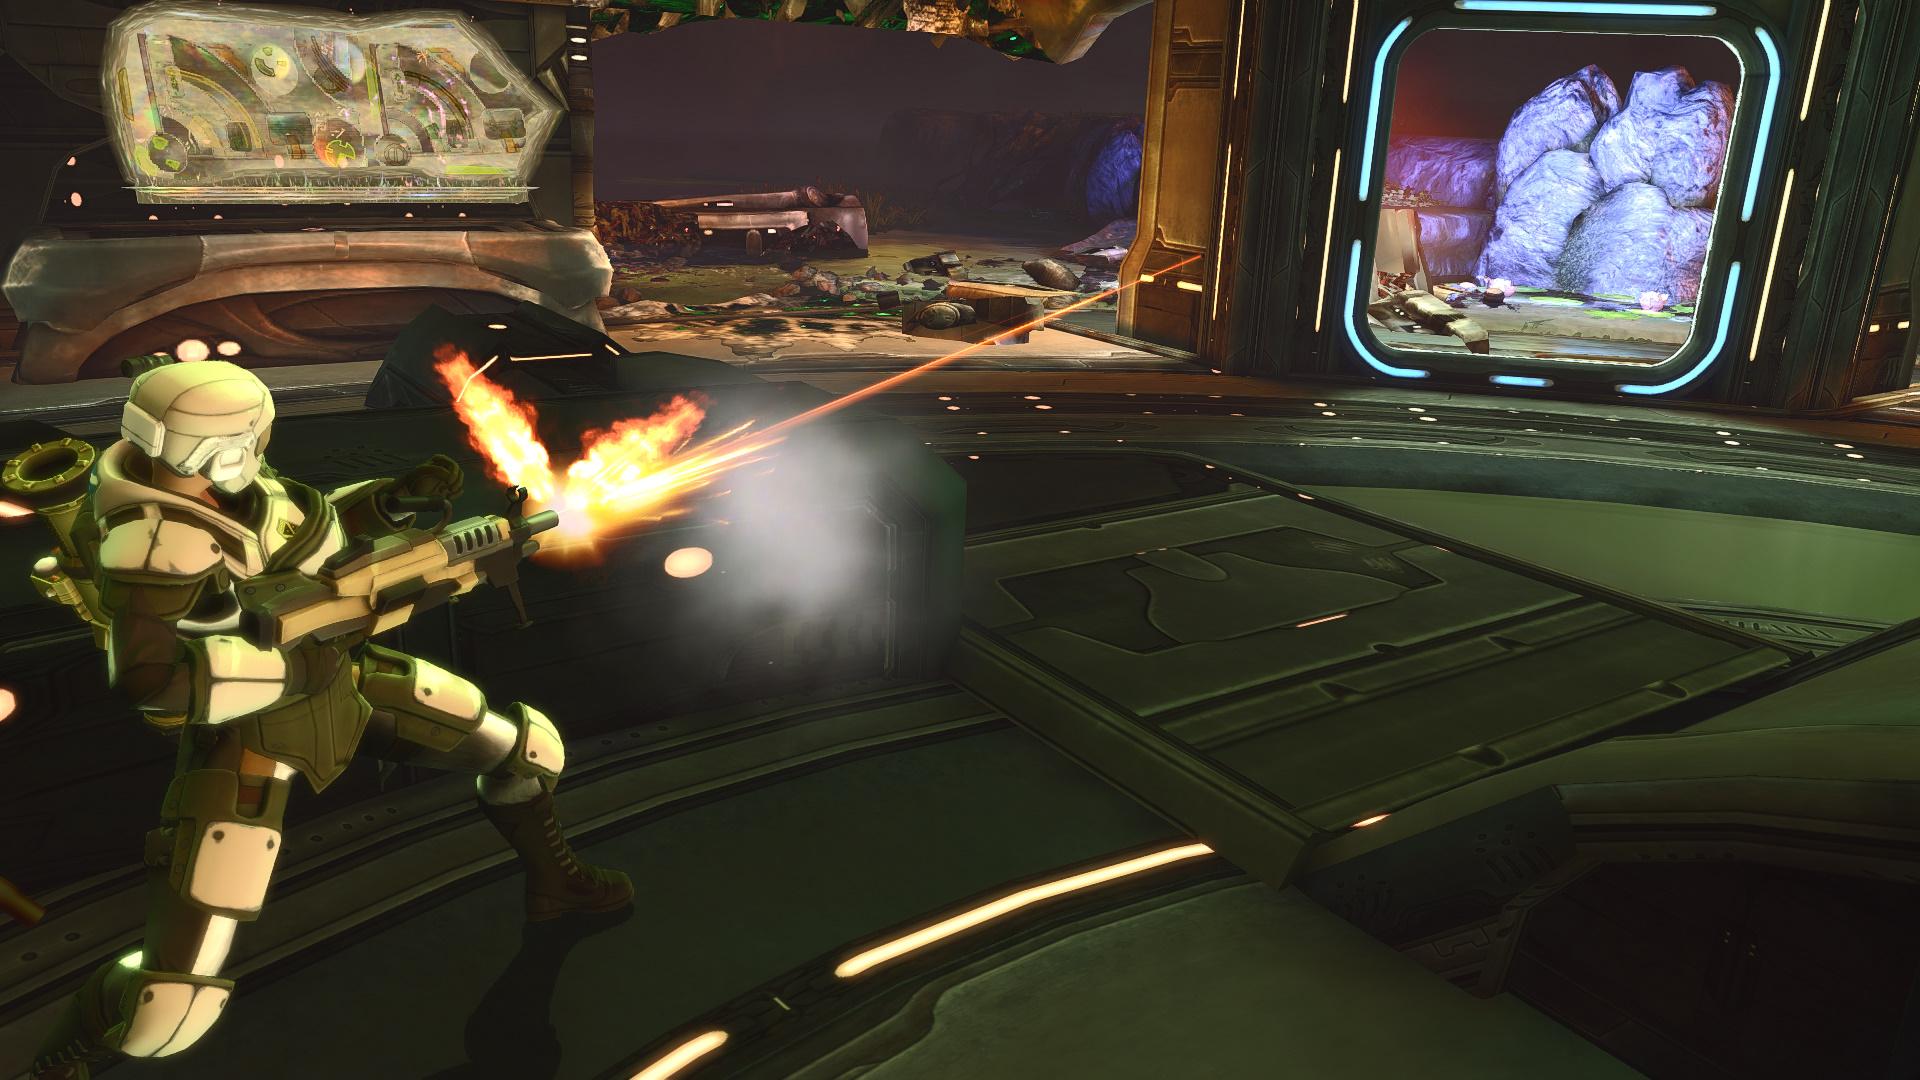 xcomgame 2017-09-04 17-29-24-250.jpg - XCOM: Enemy Unknown